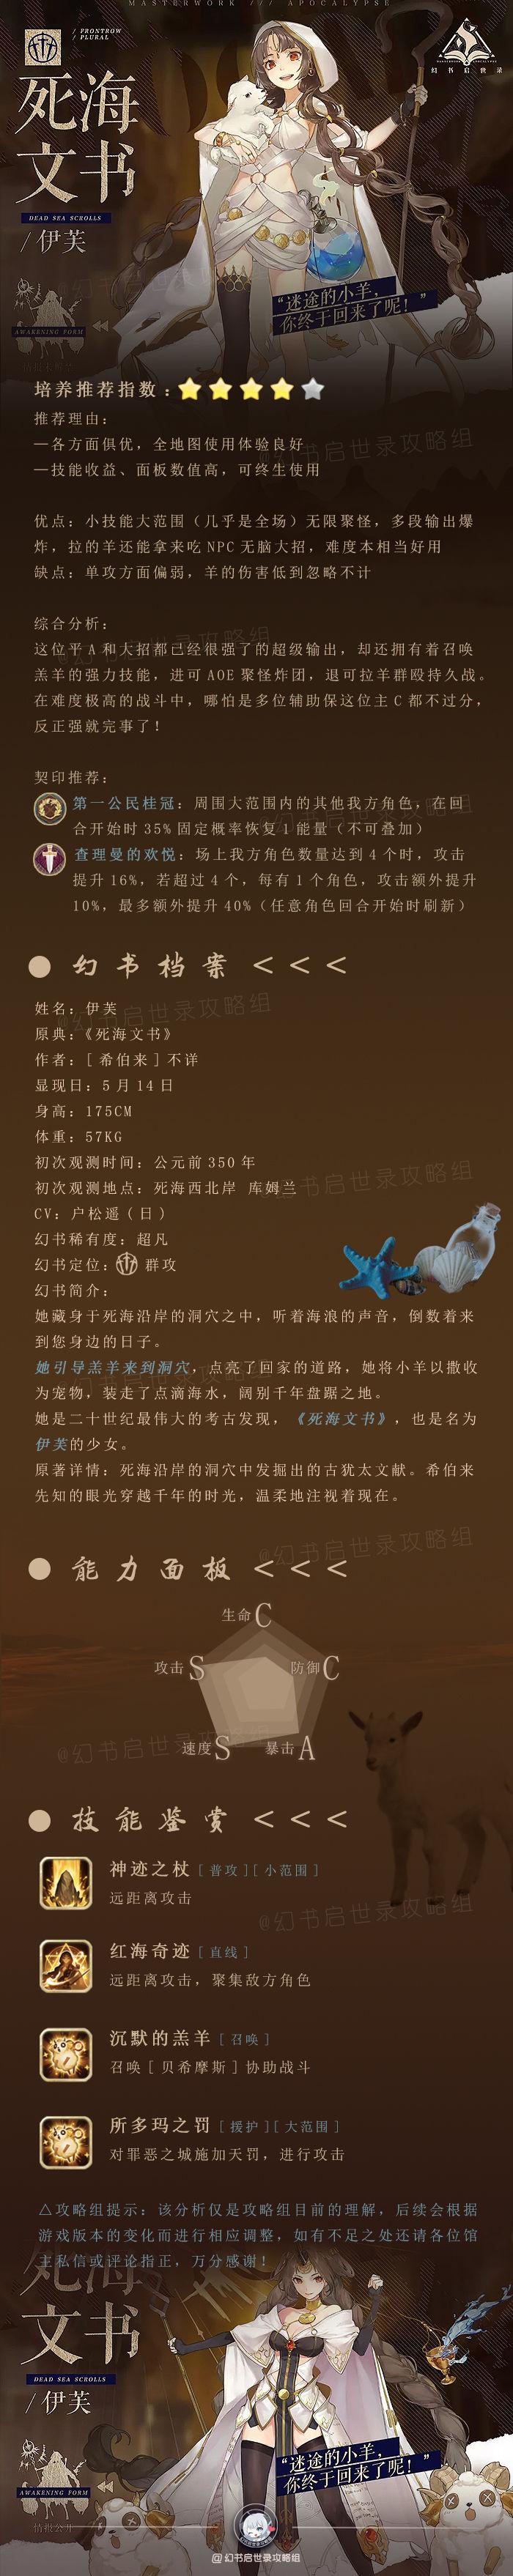 幻书启世录死海文书评测 死海文书技能及玩法分享